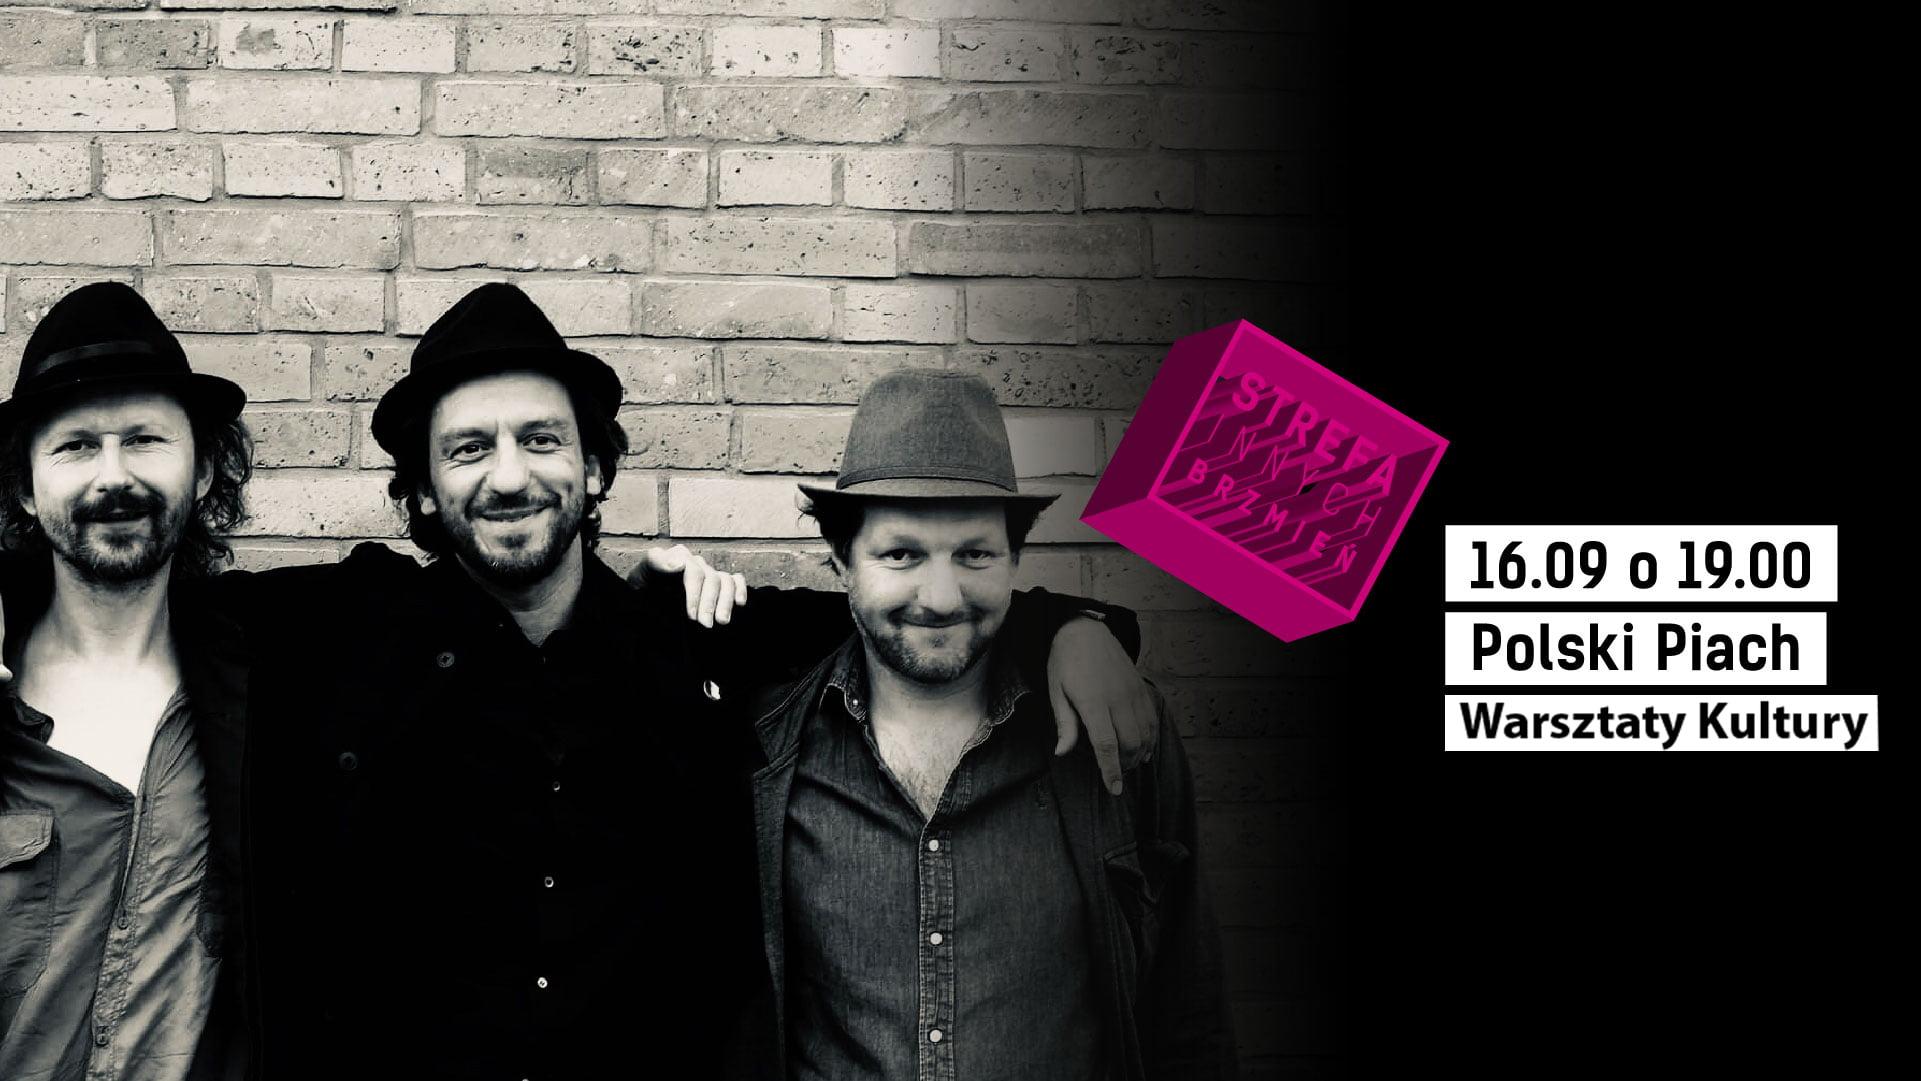 Zdjęcie trzech mężczyzn w kapeluszach stojących pod ścianą cegły. Grafika Strefa Innych Brzmień. Napis 16.09 o 19.00 Polski Piach Warsztaty Kultury.